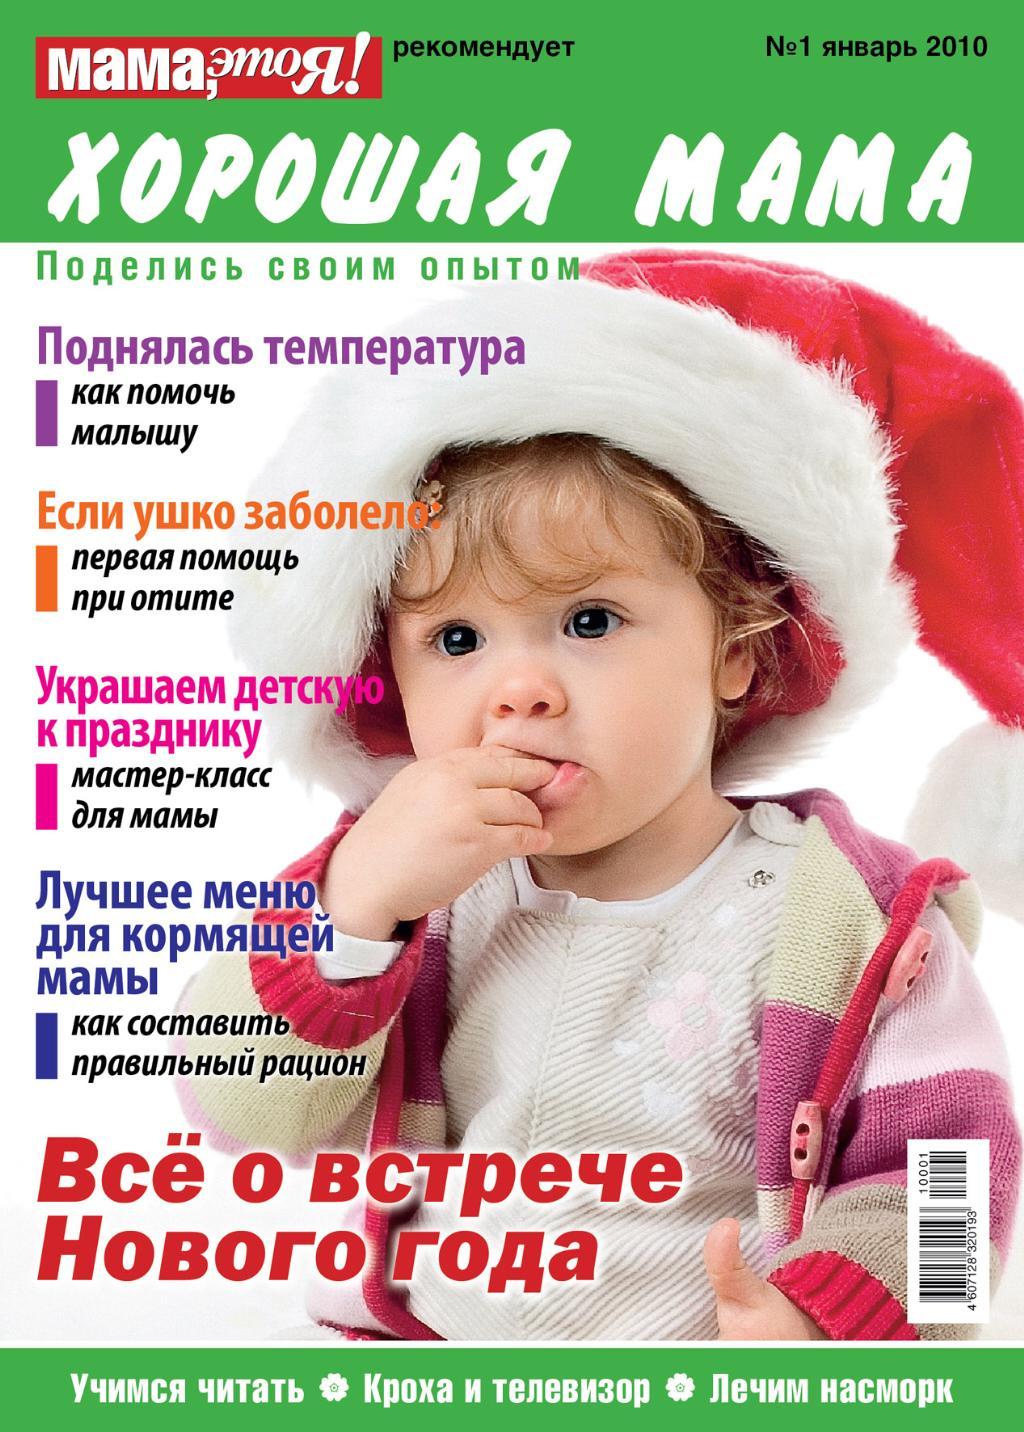 Журнал 'Хорошая мама'. Конкурс на лучшую новогоднюю обложку — 2010